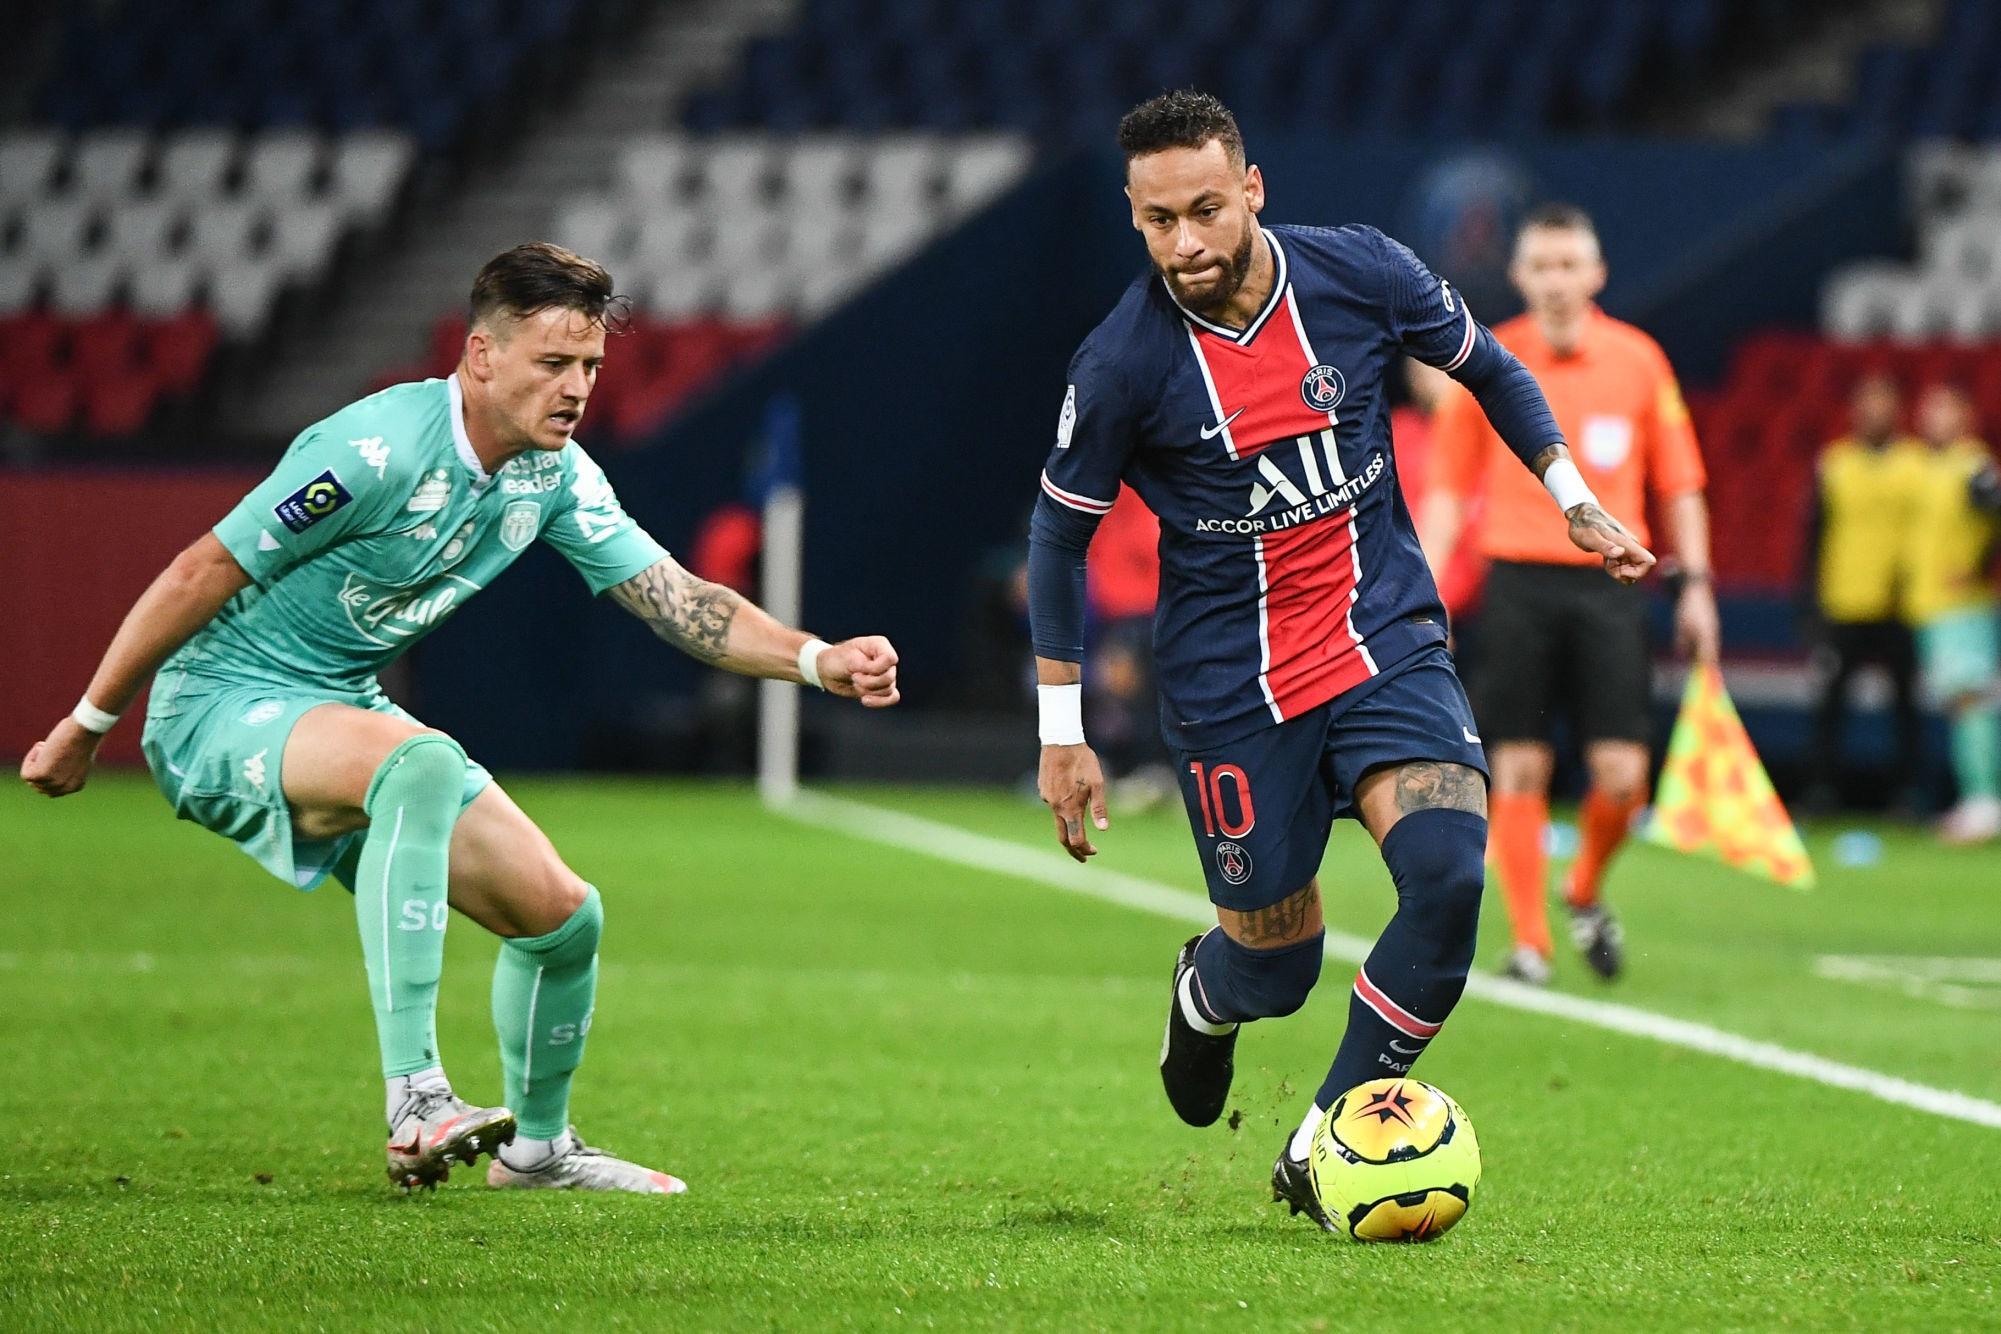 """PSG/Angers - Capelle regrette l'occasion du 3-2 manquée """"ça peut faire un autre match"""""""